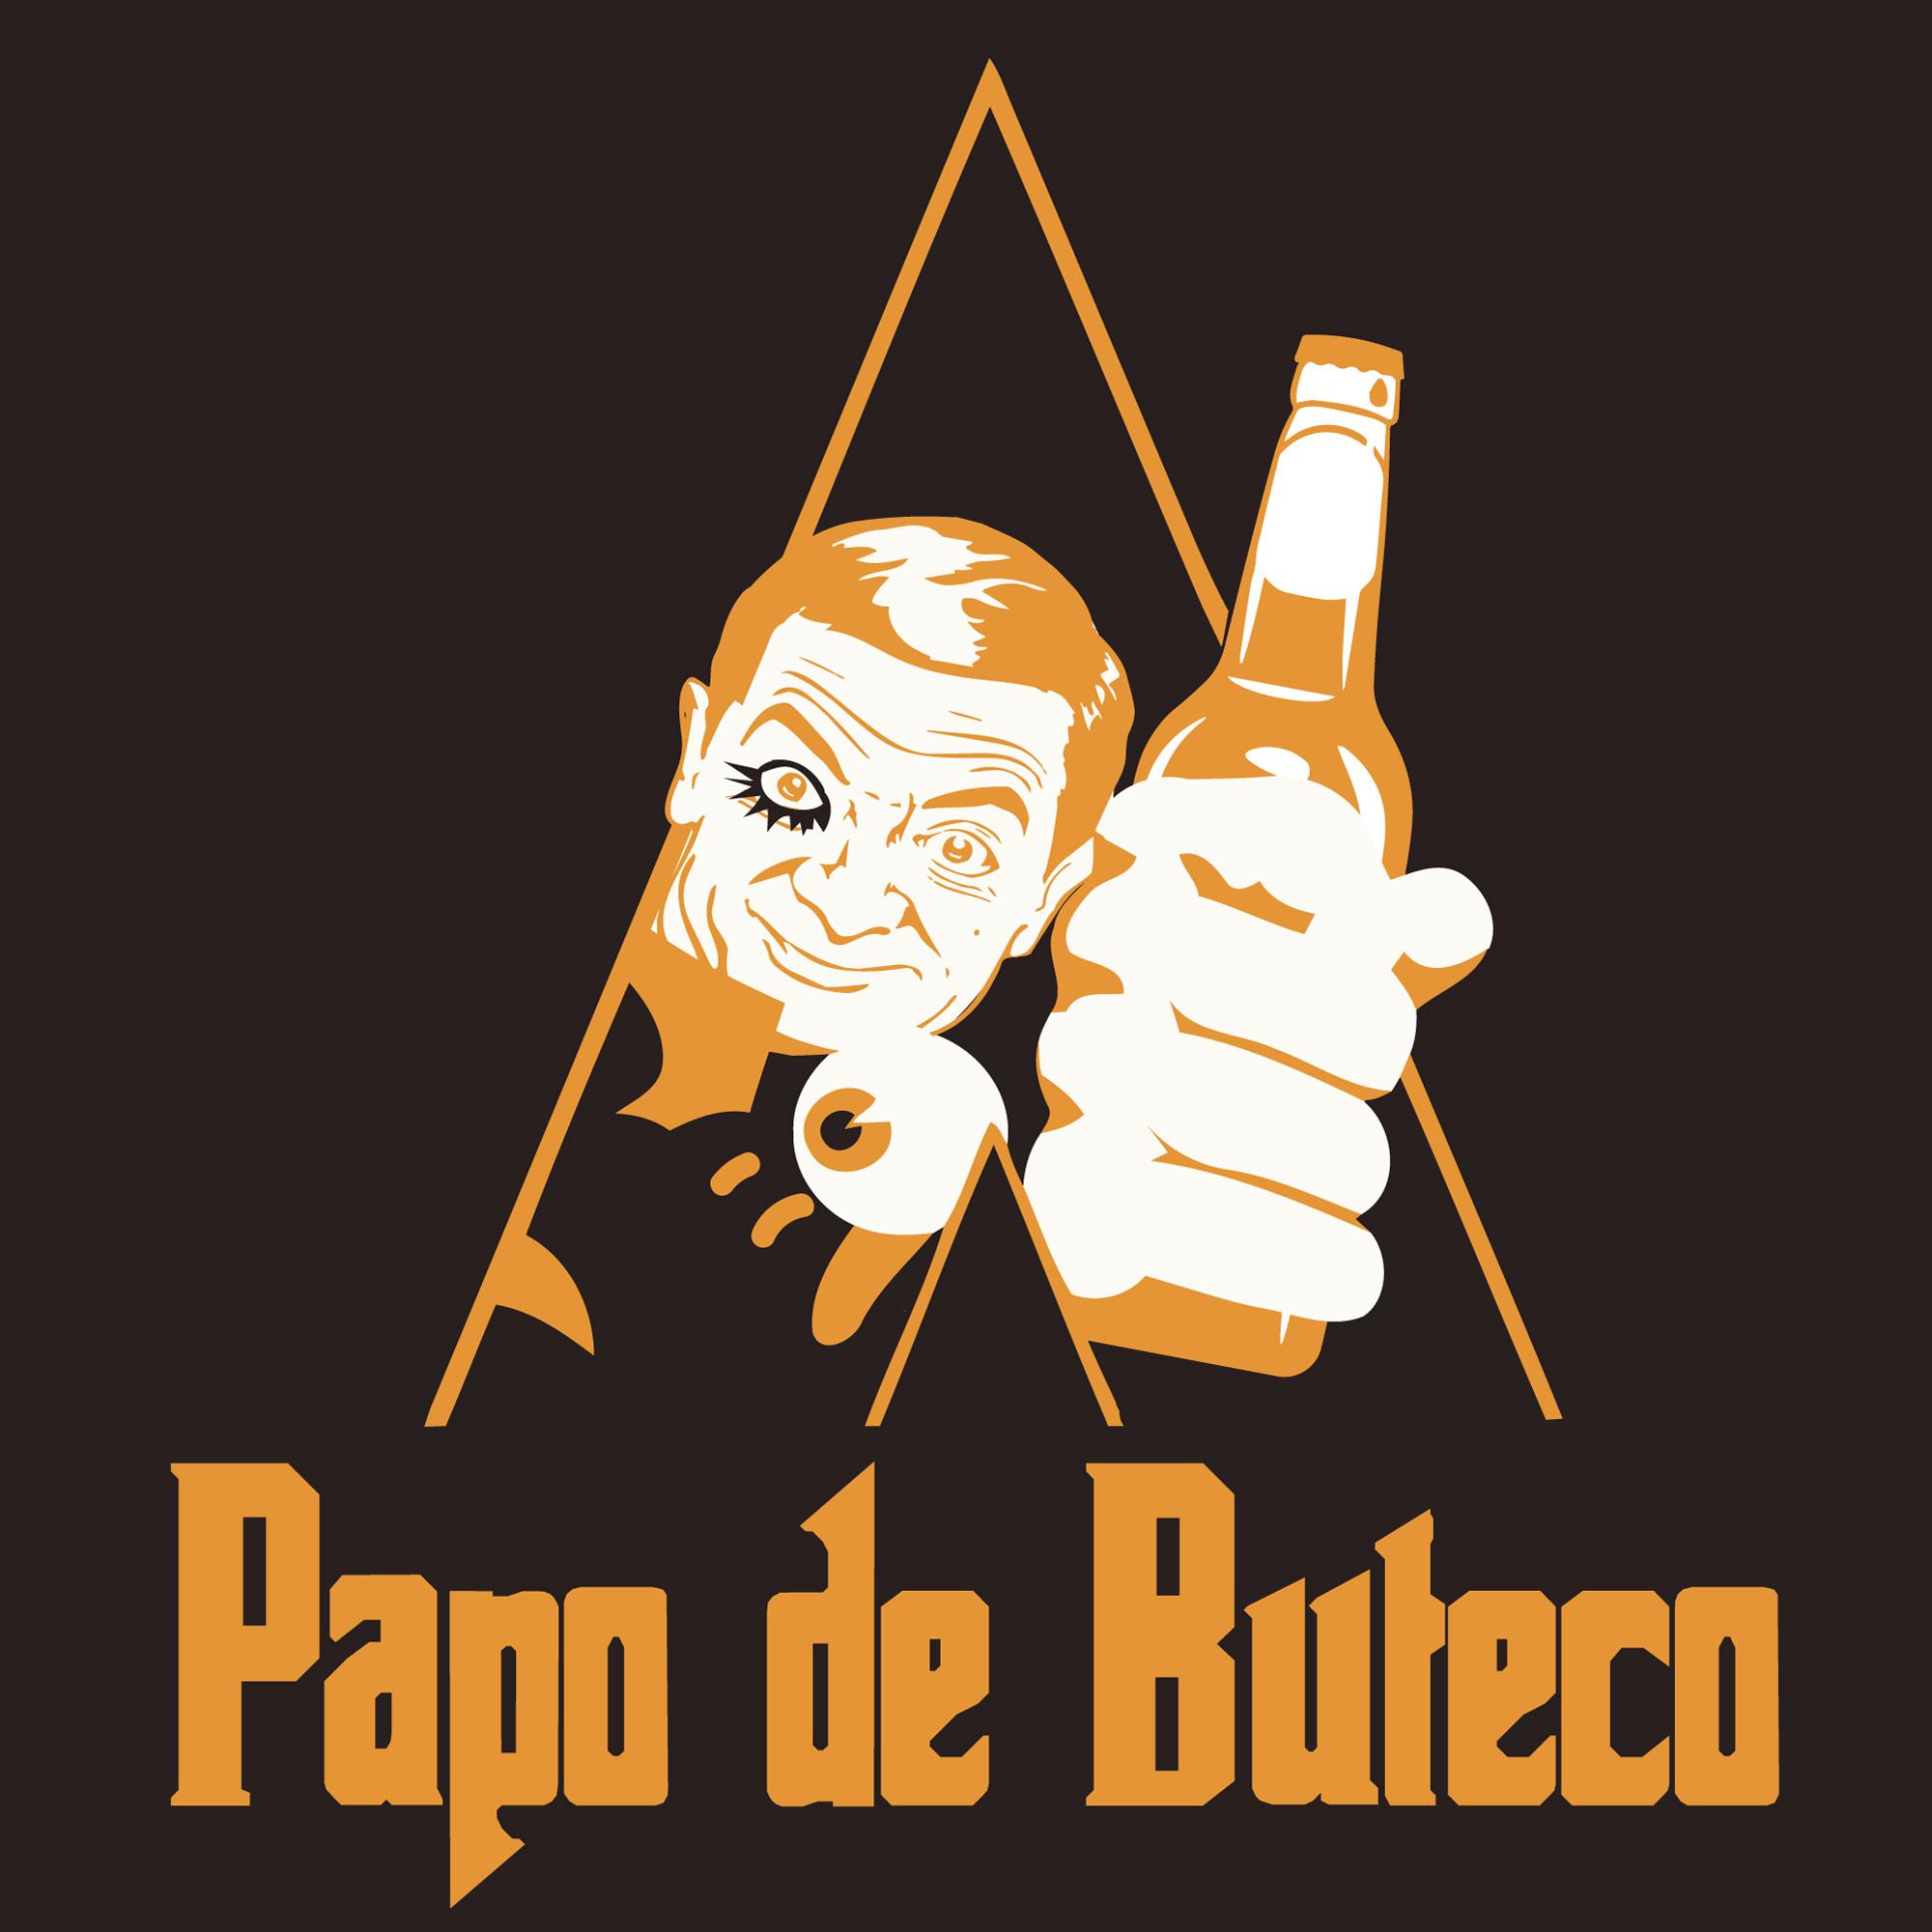 Papo de Buteco - Cinema de Buteco